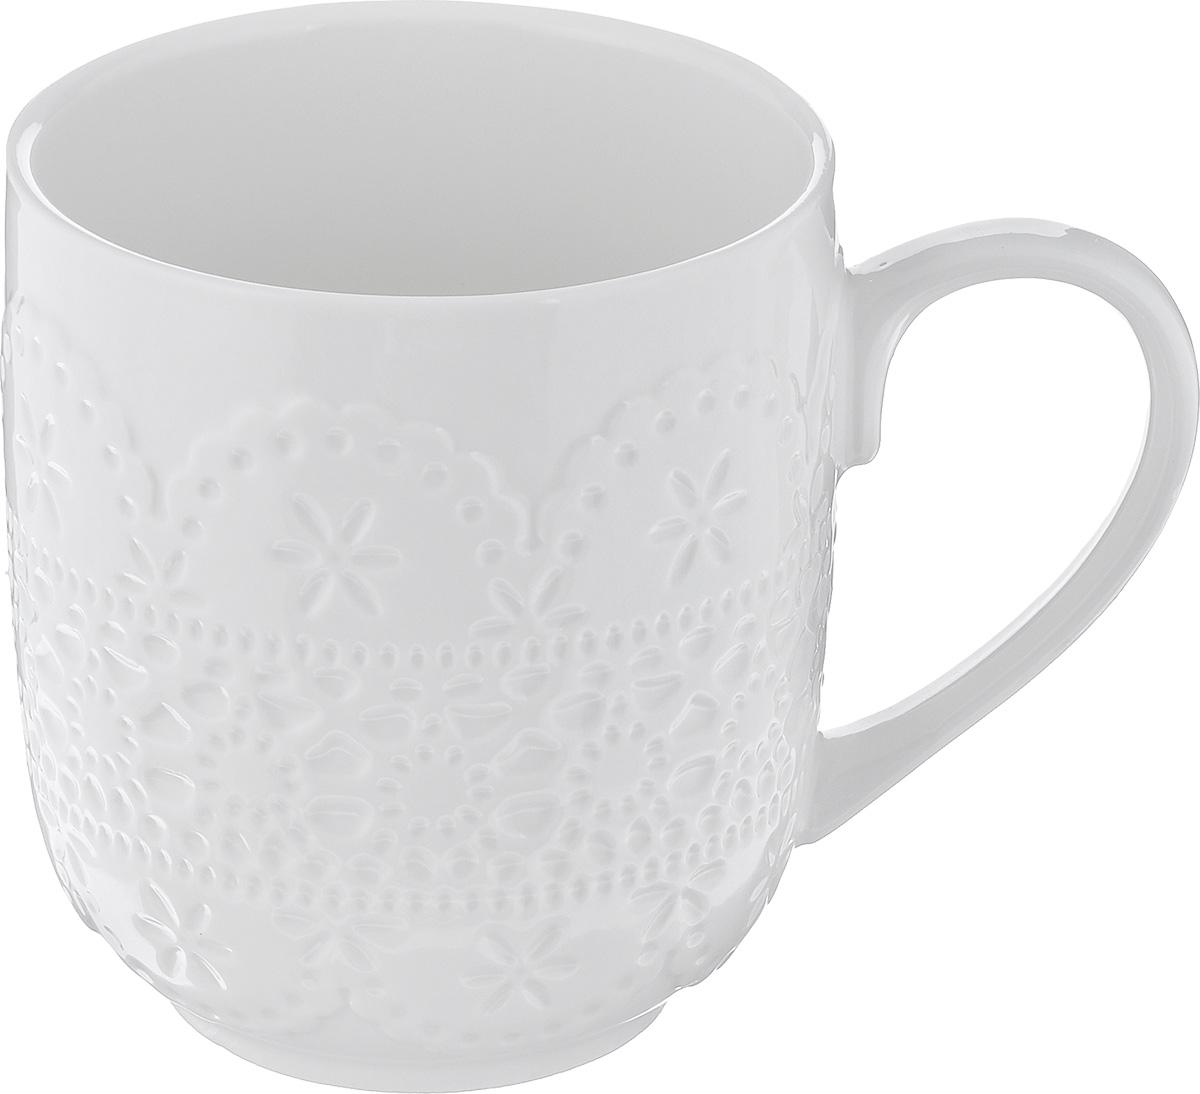 Кружка Walmer Charlotte, цвет: белый, 300 млW07320030Кружка Walmer Charlotte изготовлена из высококачественного фарфора. Изделие оформлено изысканным рельефным орнаментом. Такая кружка прекрасно оформит стол к чаепитию и станет его неизменным атрибутом. Не рекомендуется применять абразивные моющие средства. Диаметр (по верхнему краю): 8 см. Высота: 9,5 см.